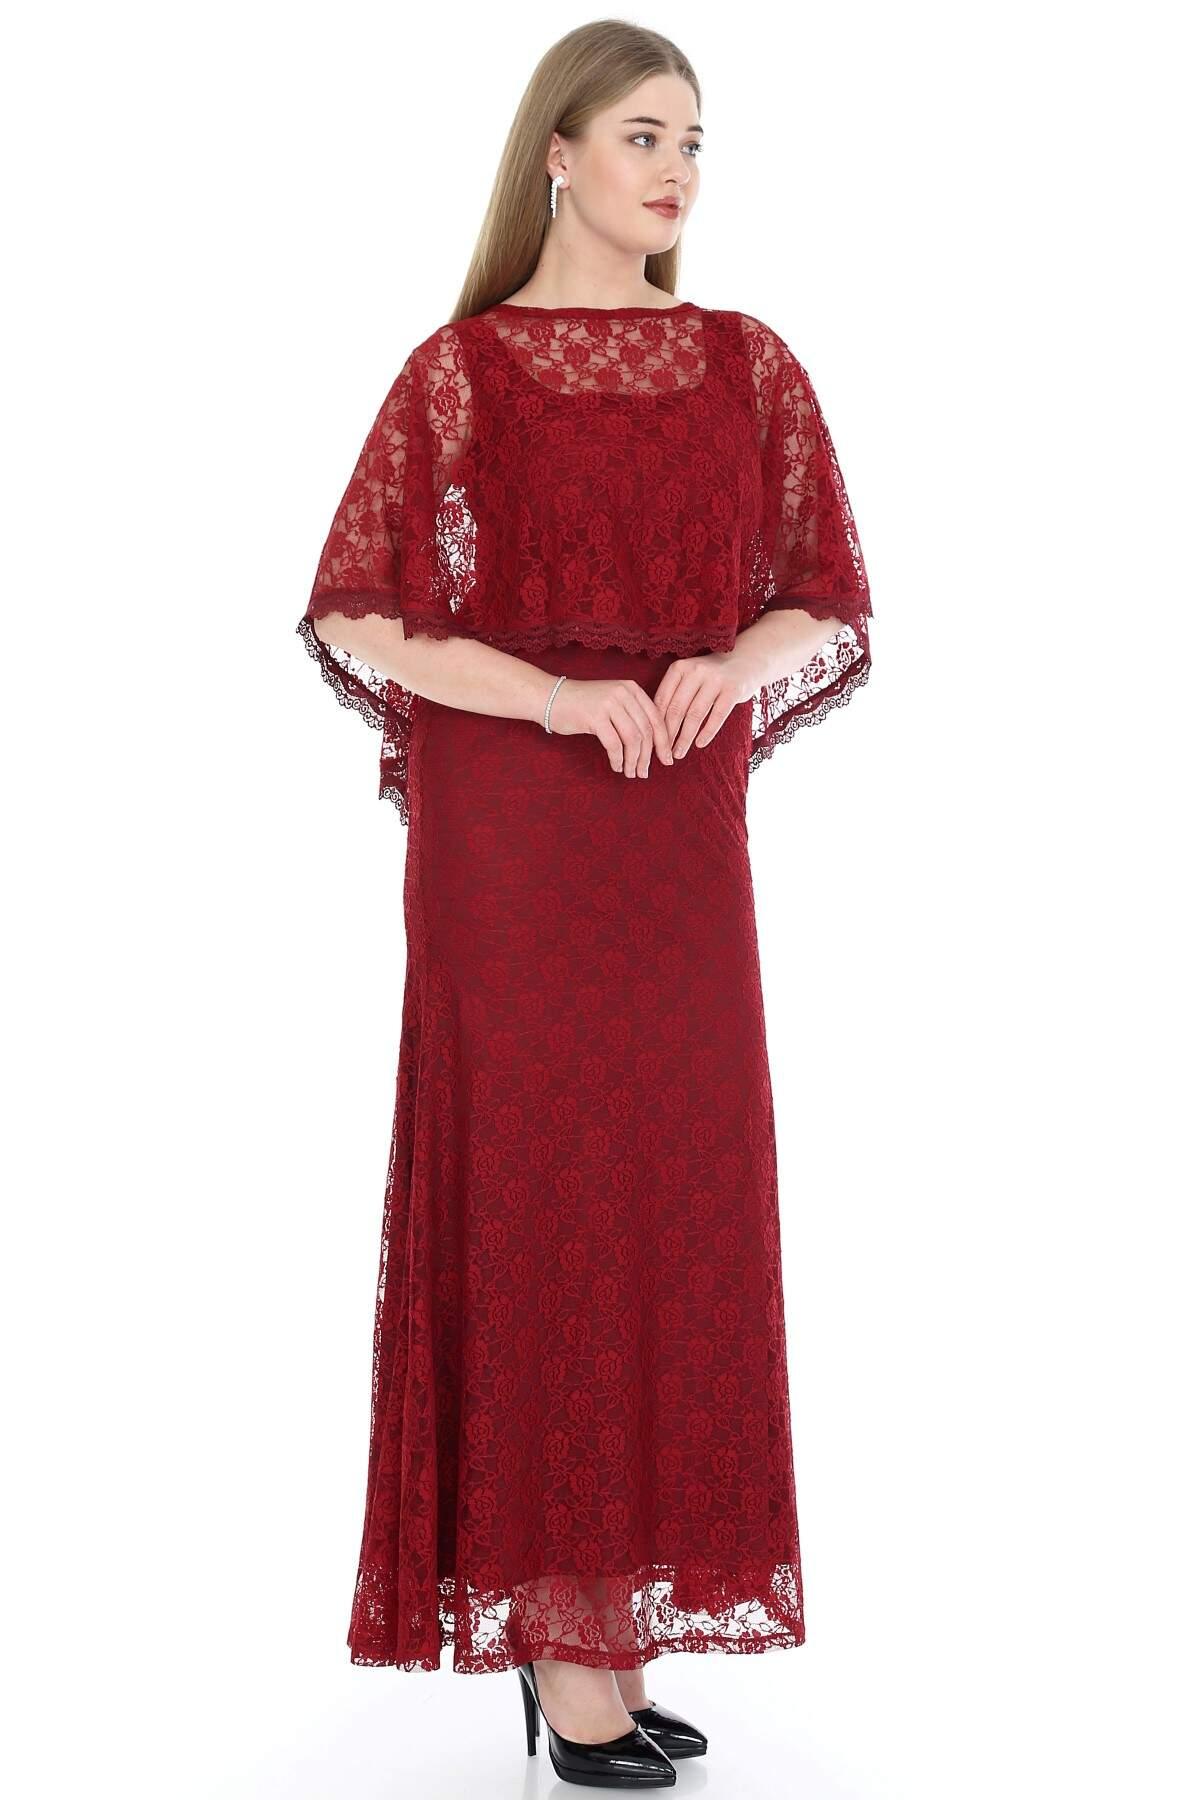 Büyük Beden Uzun Abiye Dantelli Elbise PNR037